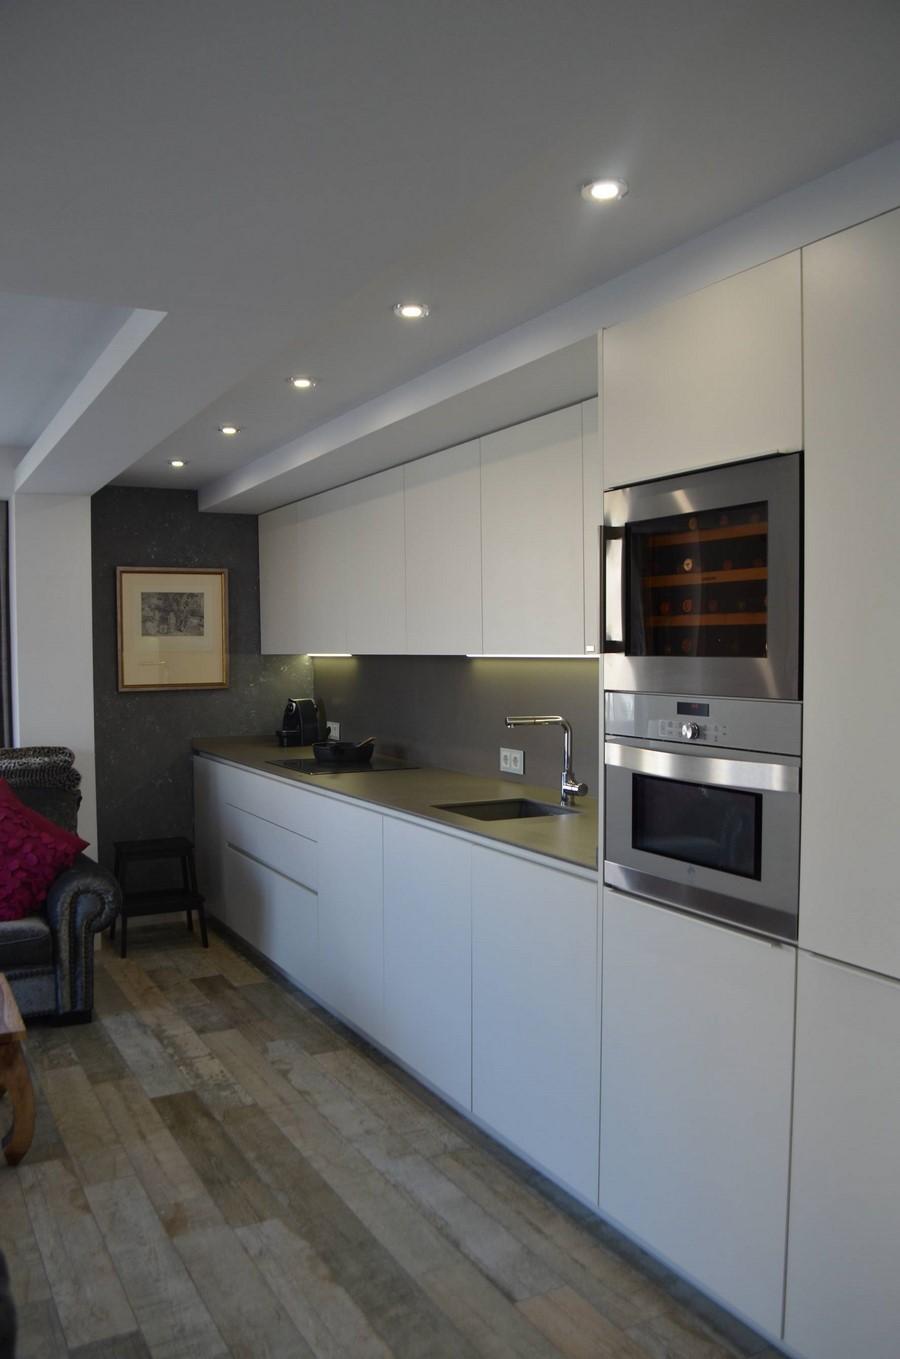 Cocina diseño integrada en el salón - Kocina